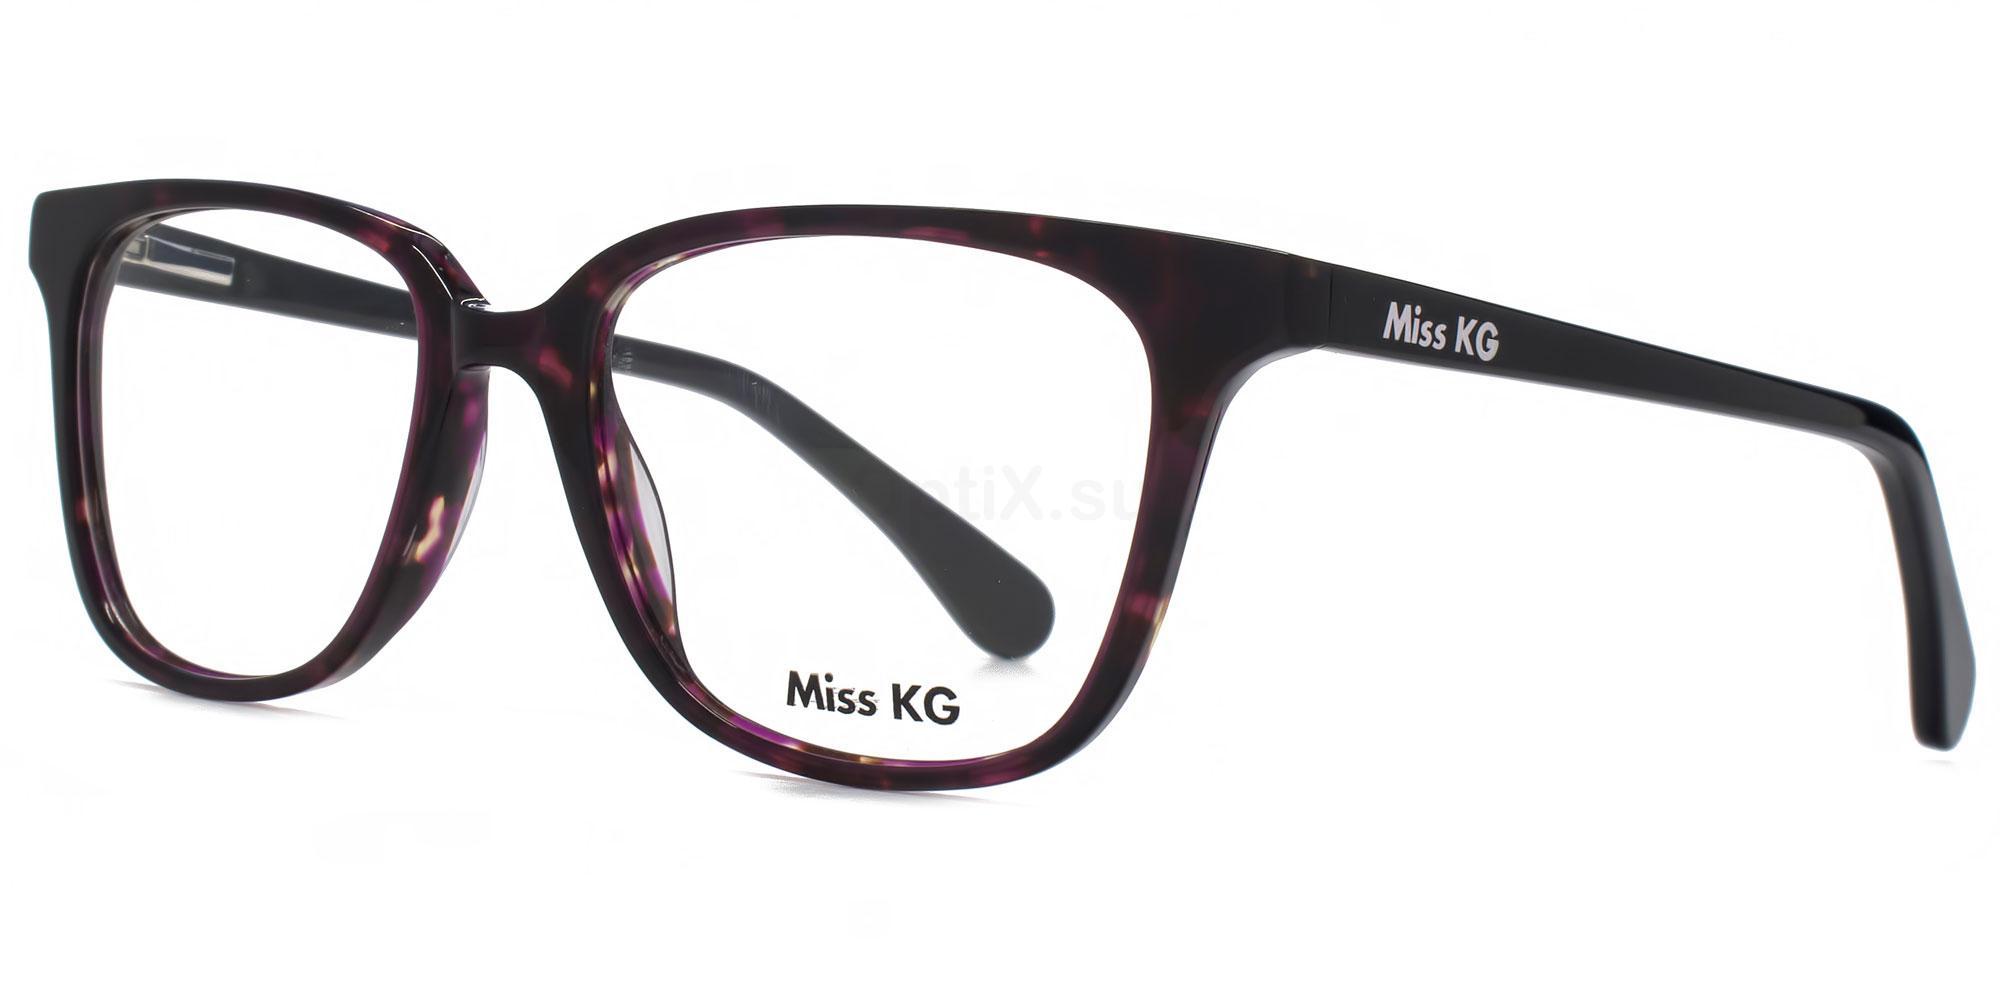 PTOR MKGS012 - Florrje , Miss KG